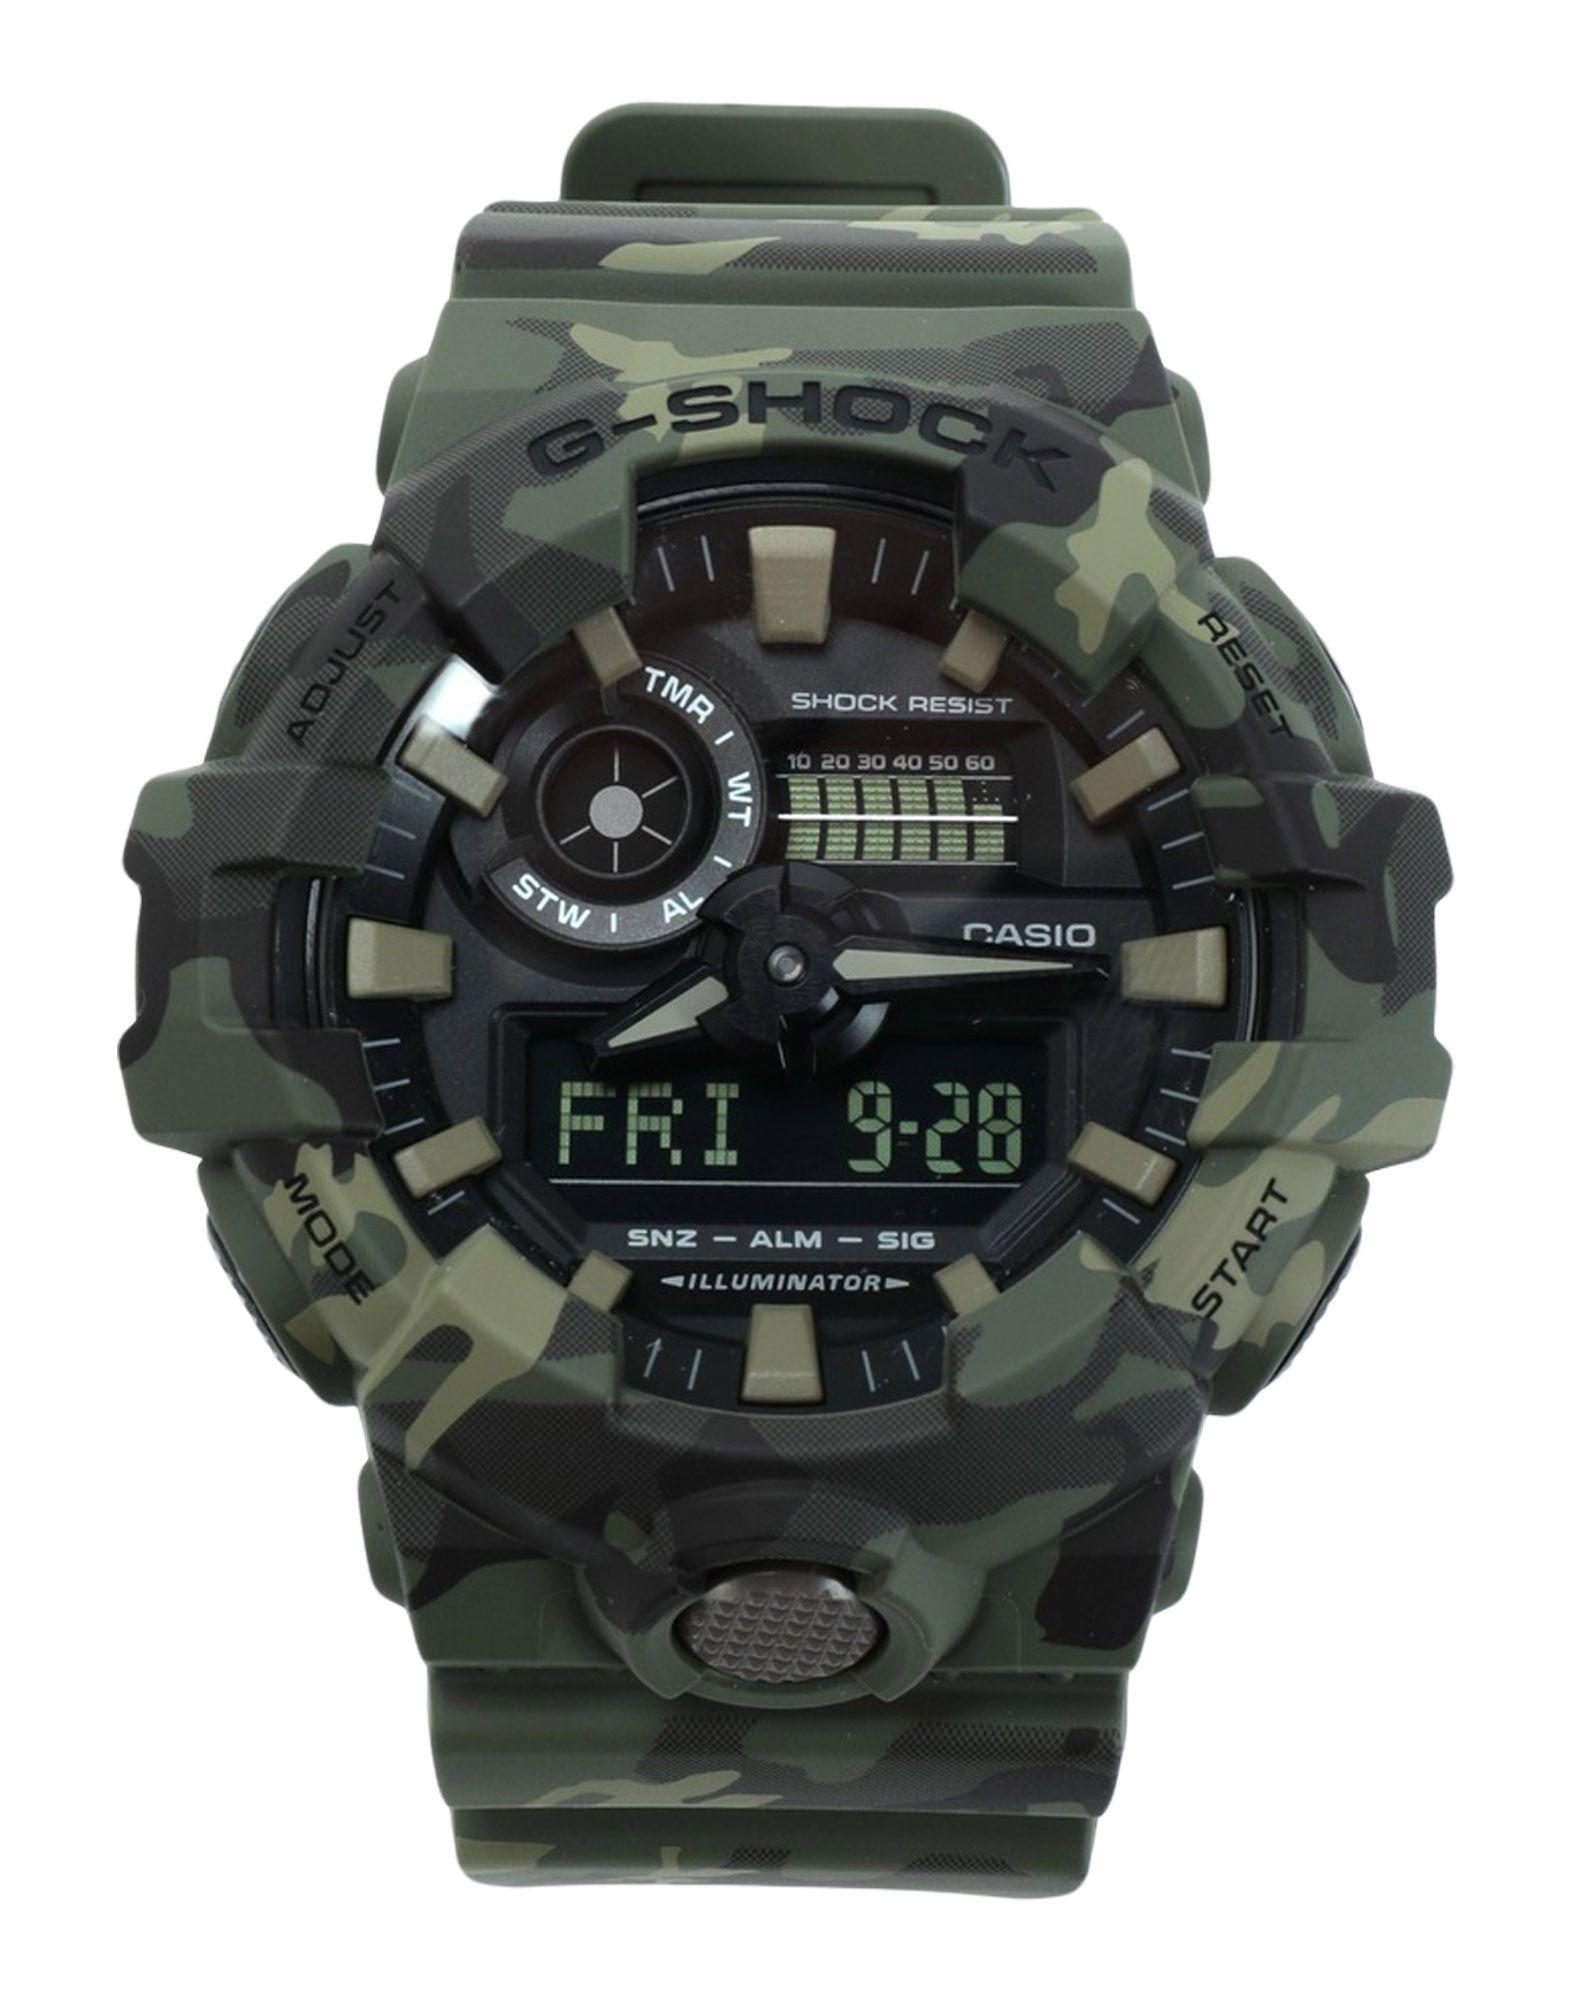 купить CASIO G-SHOCK Наручные часы по цене 9530 рублей